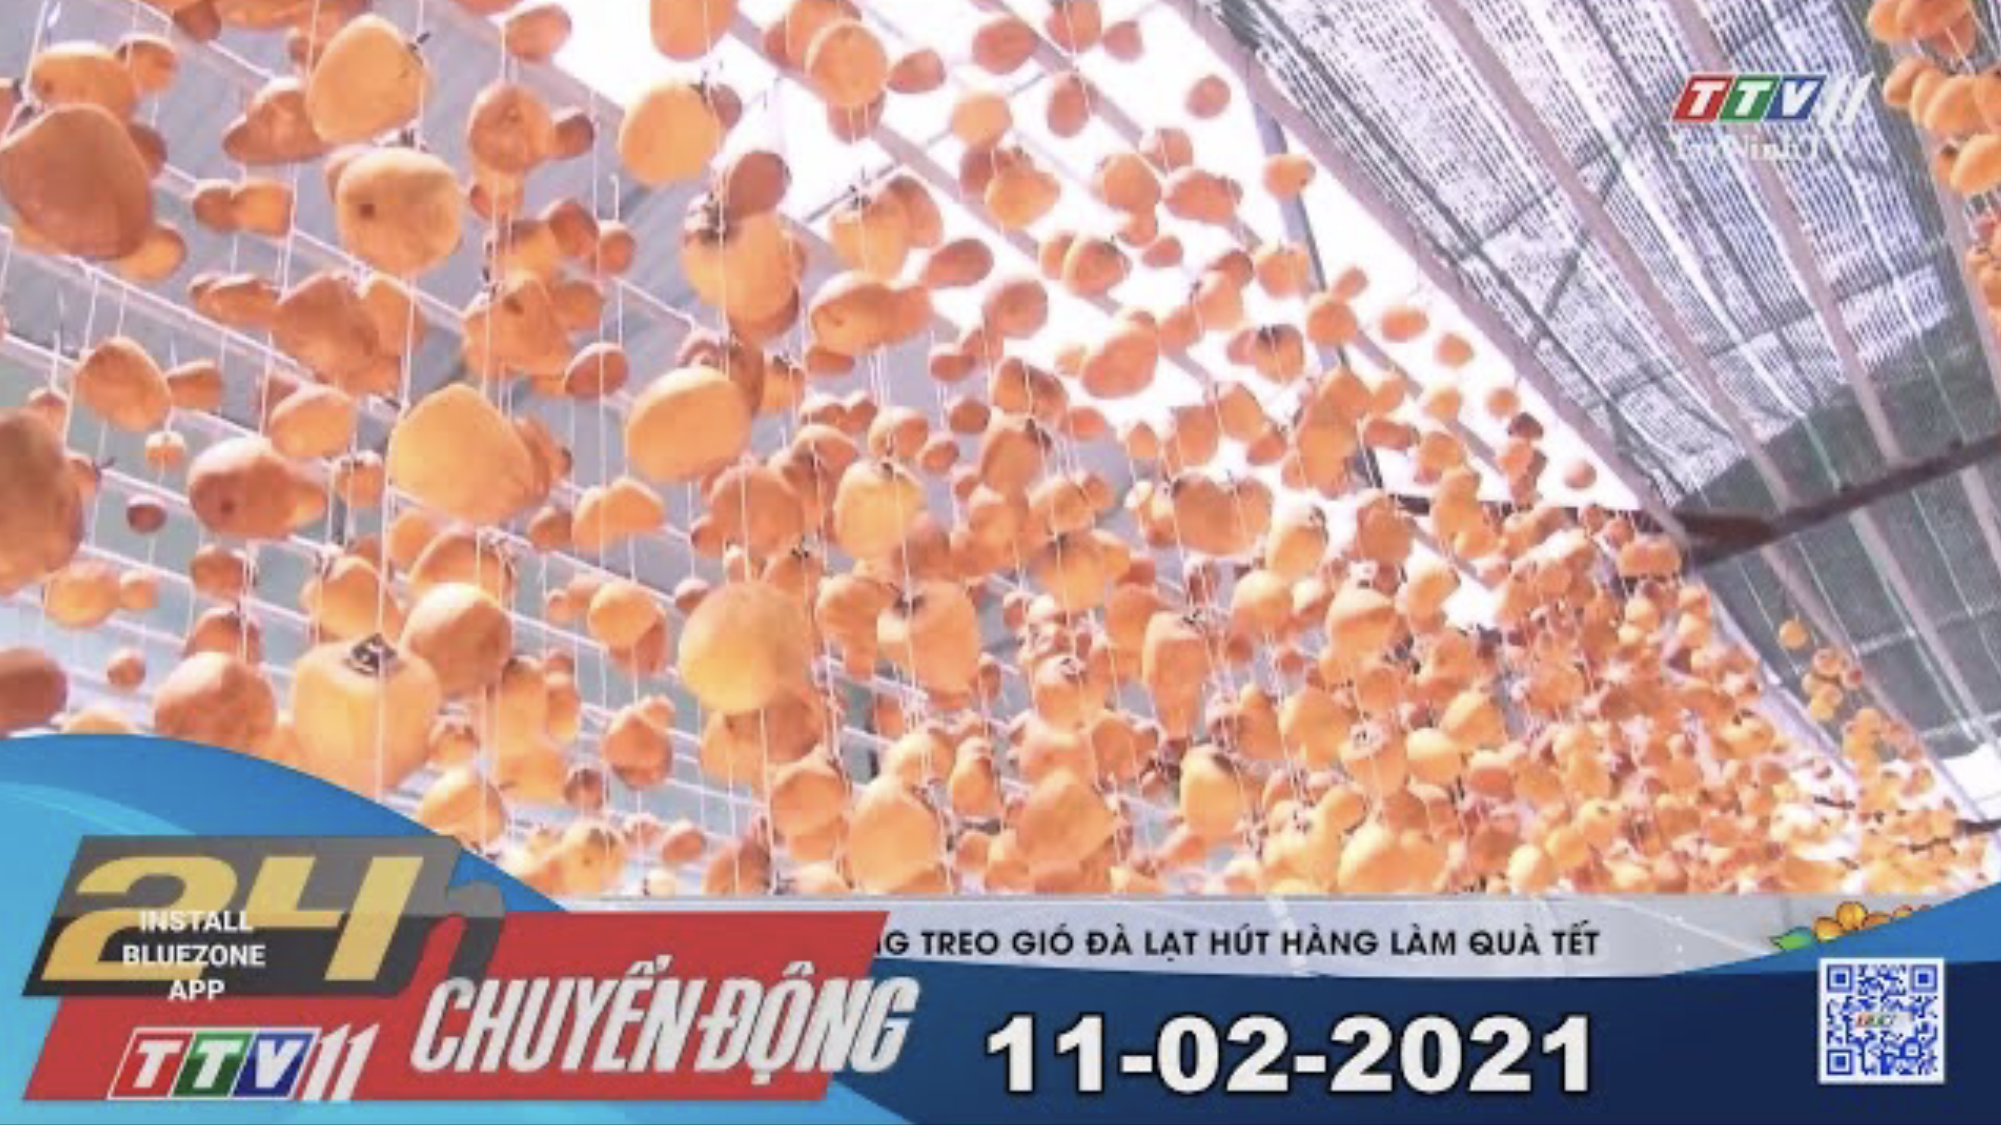 24h Chuyển động 11-02-2021 | Tin tức hôm nay | TayNinhTV